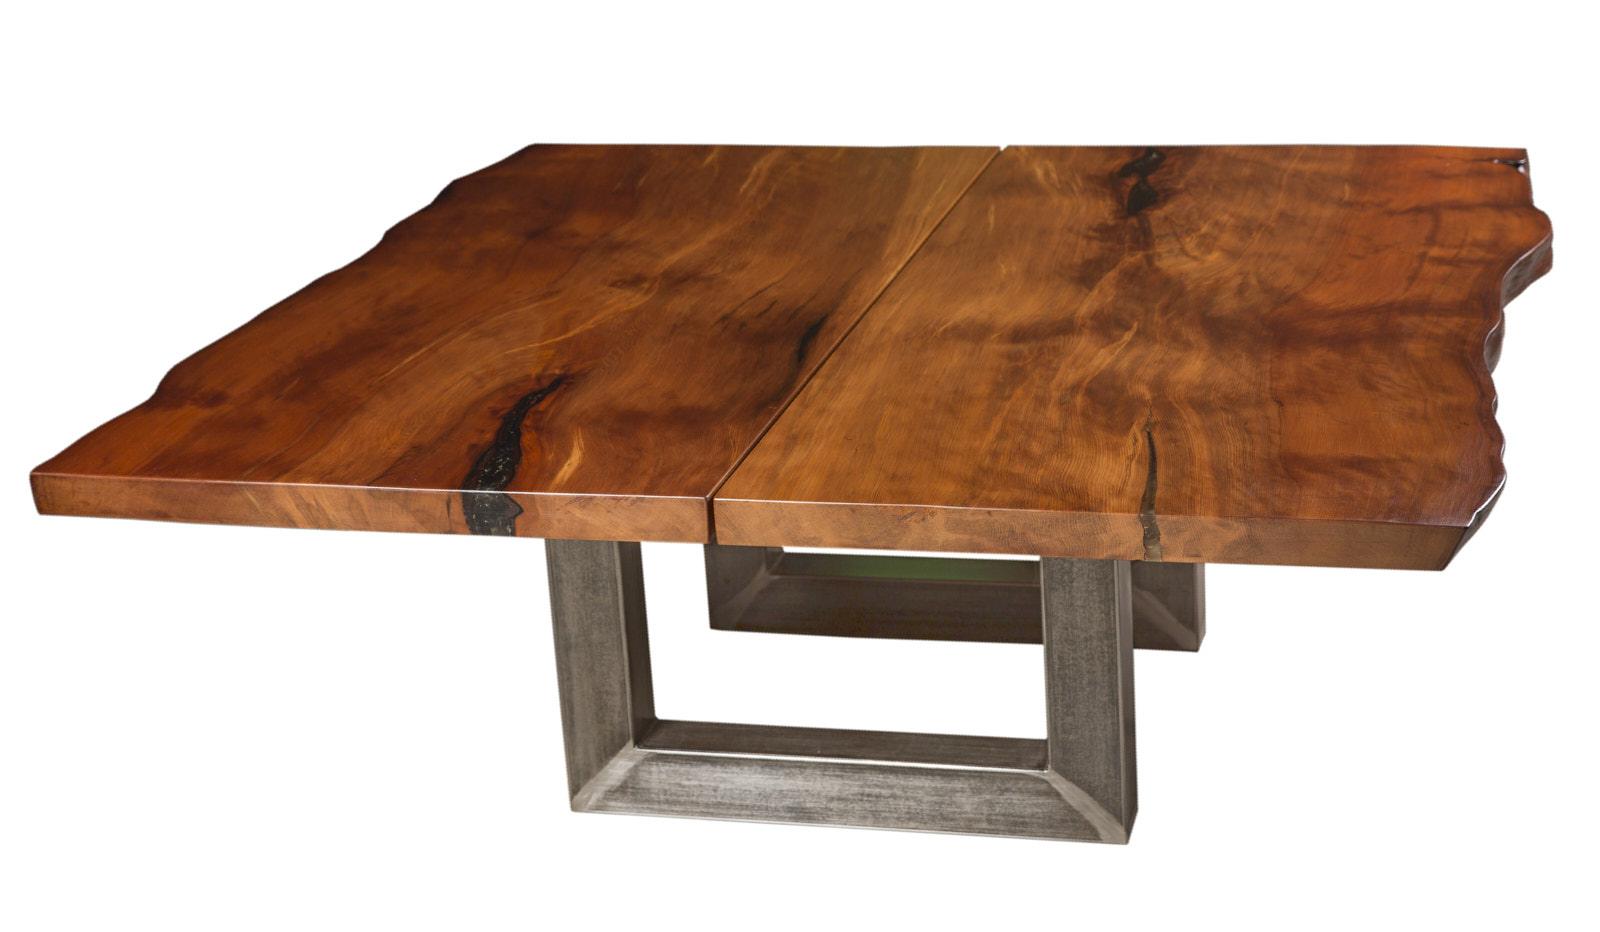 Konferenztisch aus großem Kauri Baumstamm mit Naturholz Tischplatte